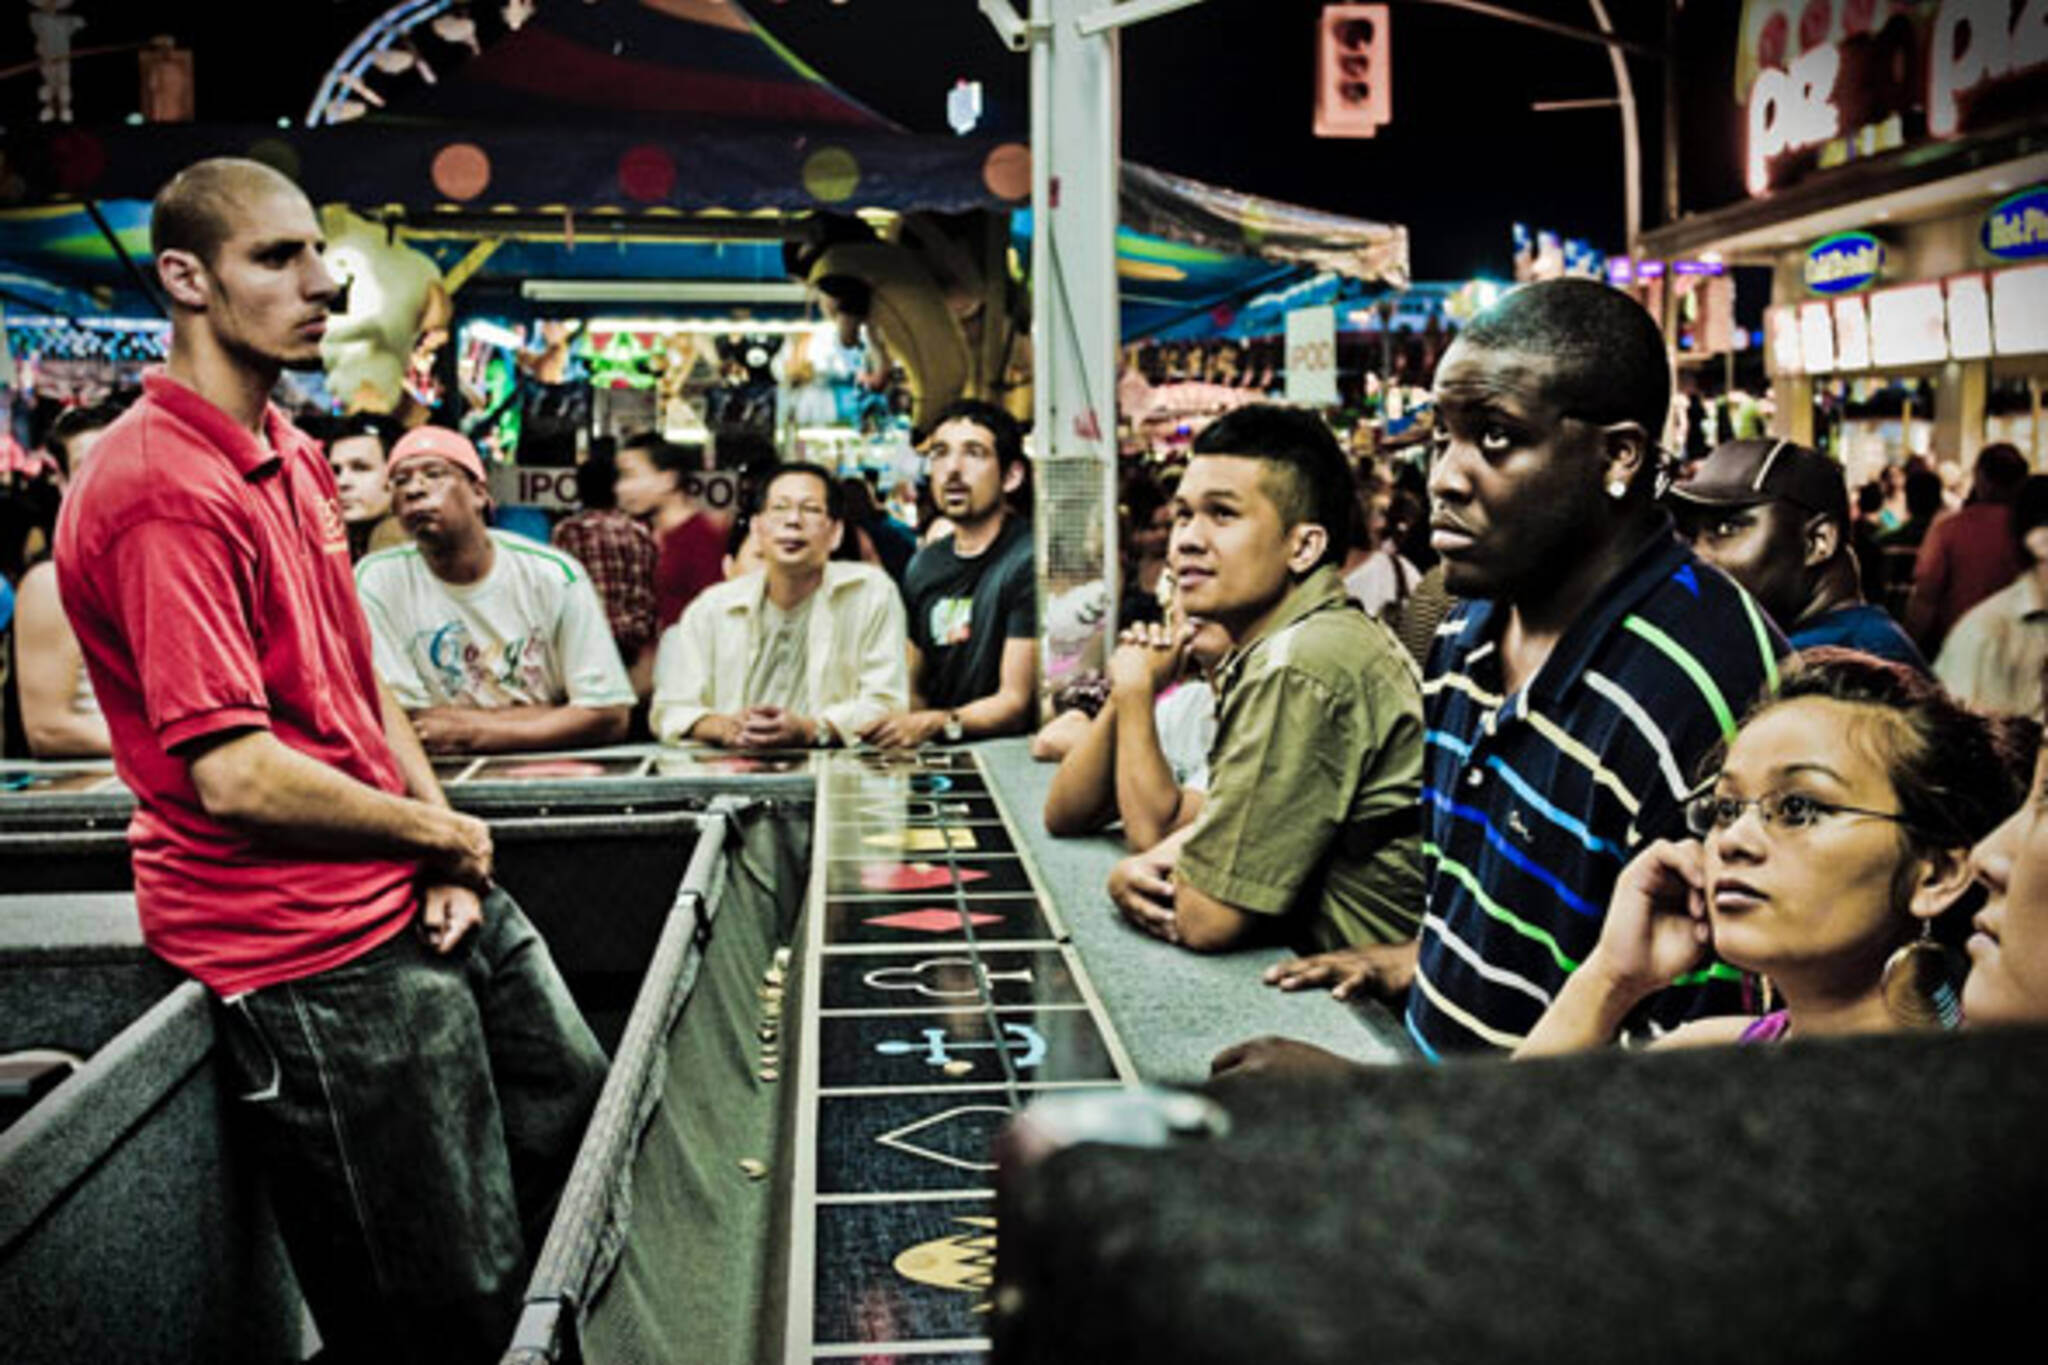 CNE Gambling